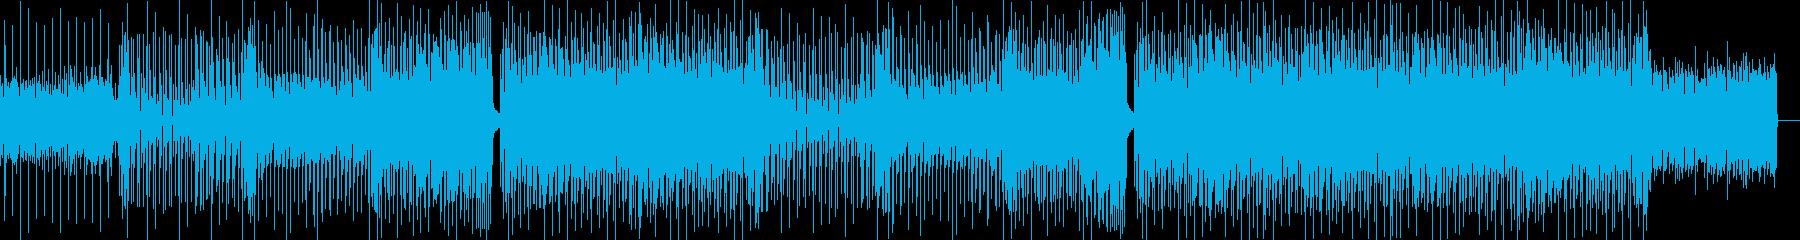 洋楽、K-POP、トラップソウルの再生済みの波形